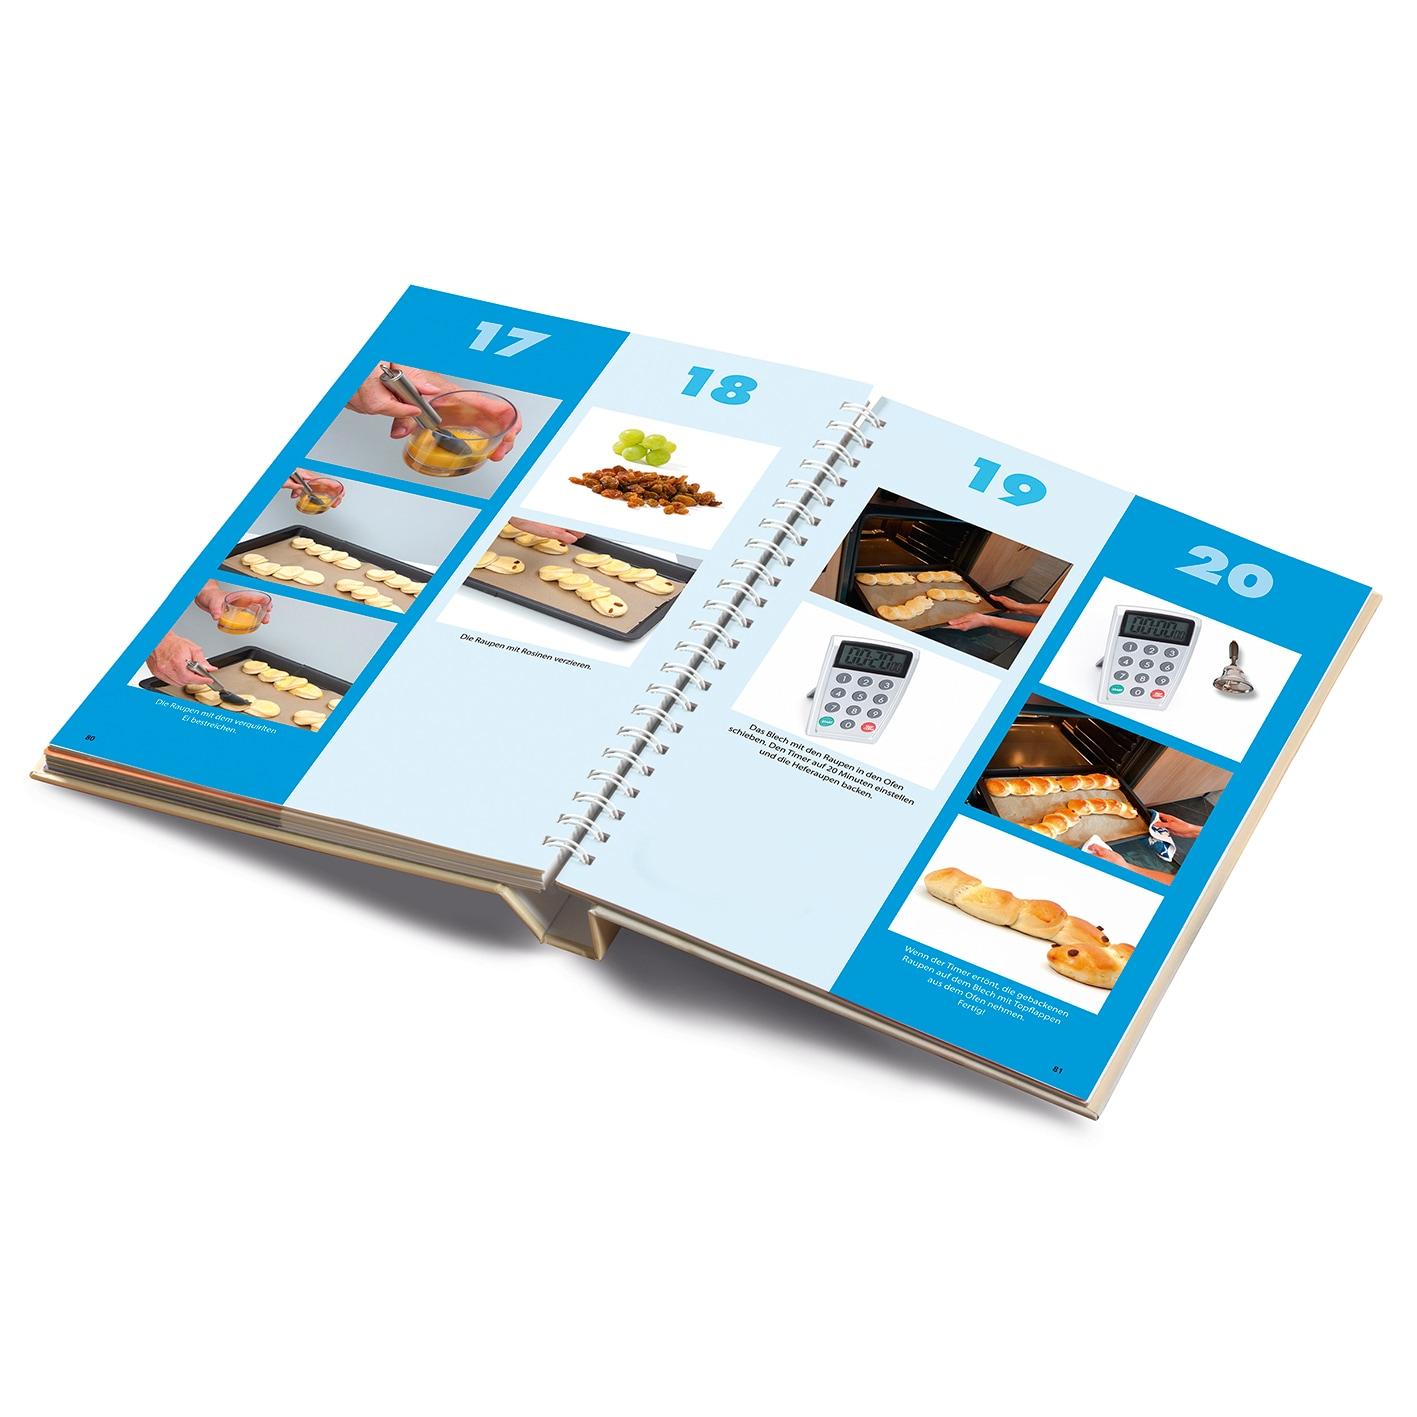 Backhilfe Kinderleichte Becherküche - Für die Backprofis von morgen - 6-tlg. Set